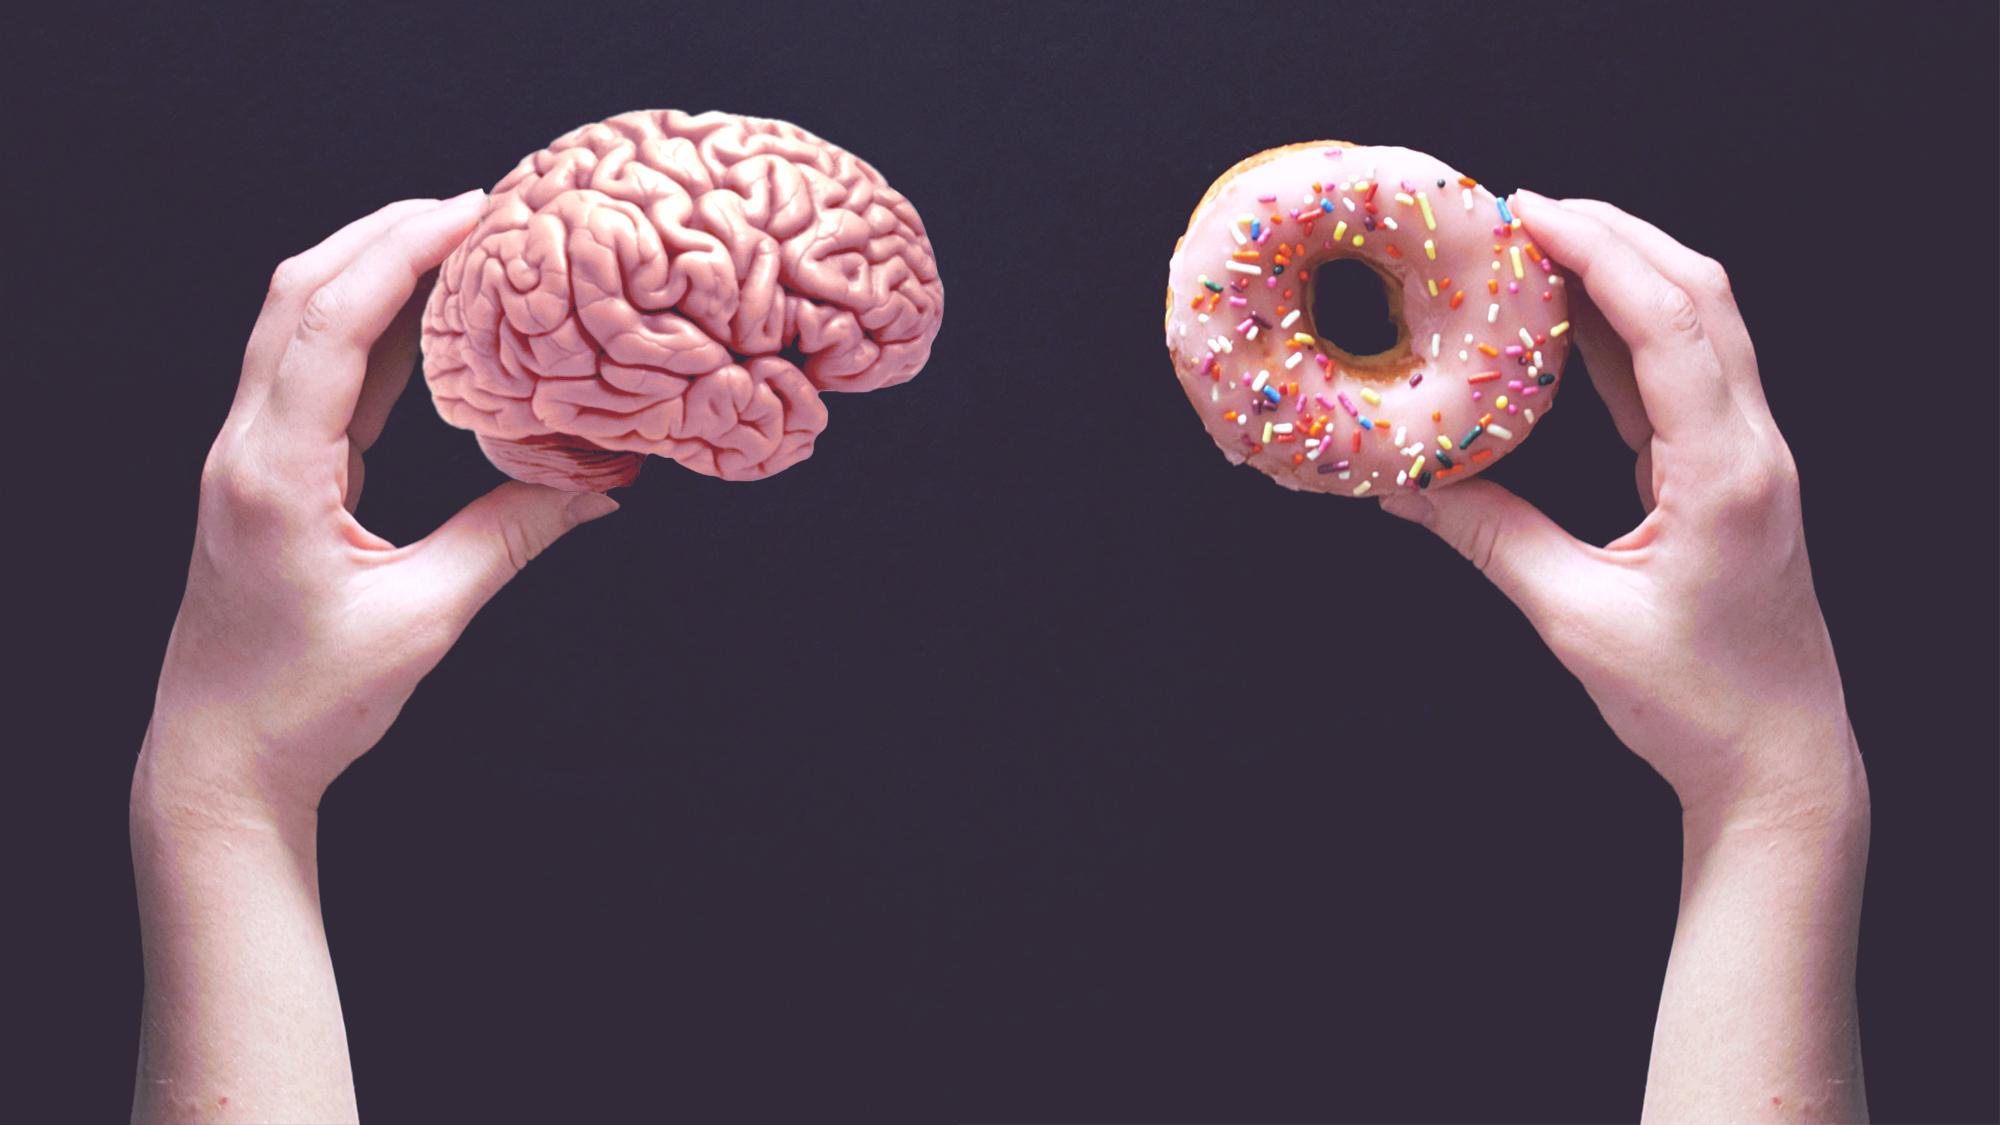 Trobada la relació entre l'obesitat i la deterioració de la memòria